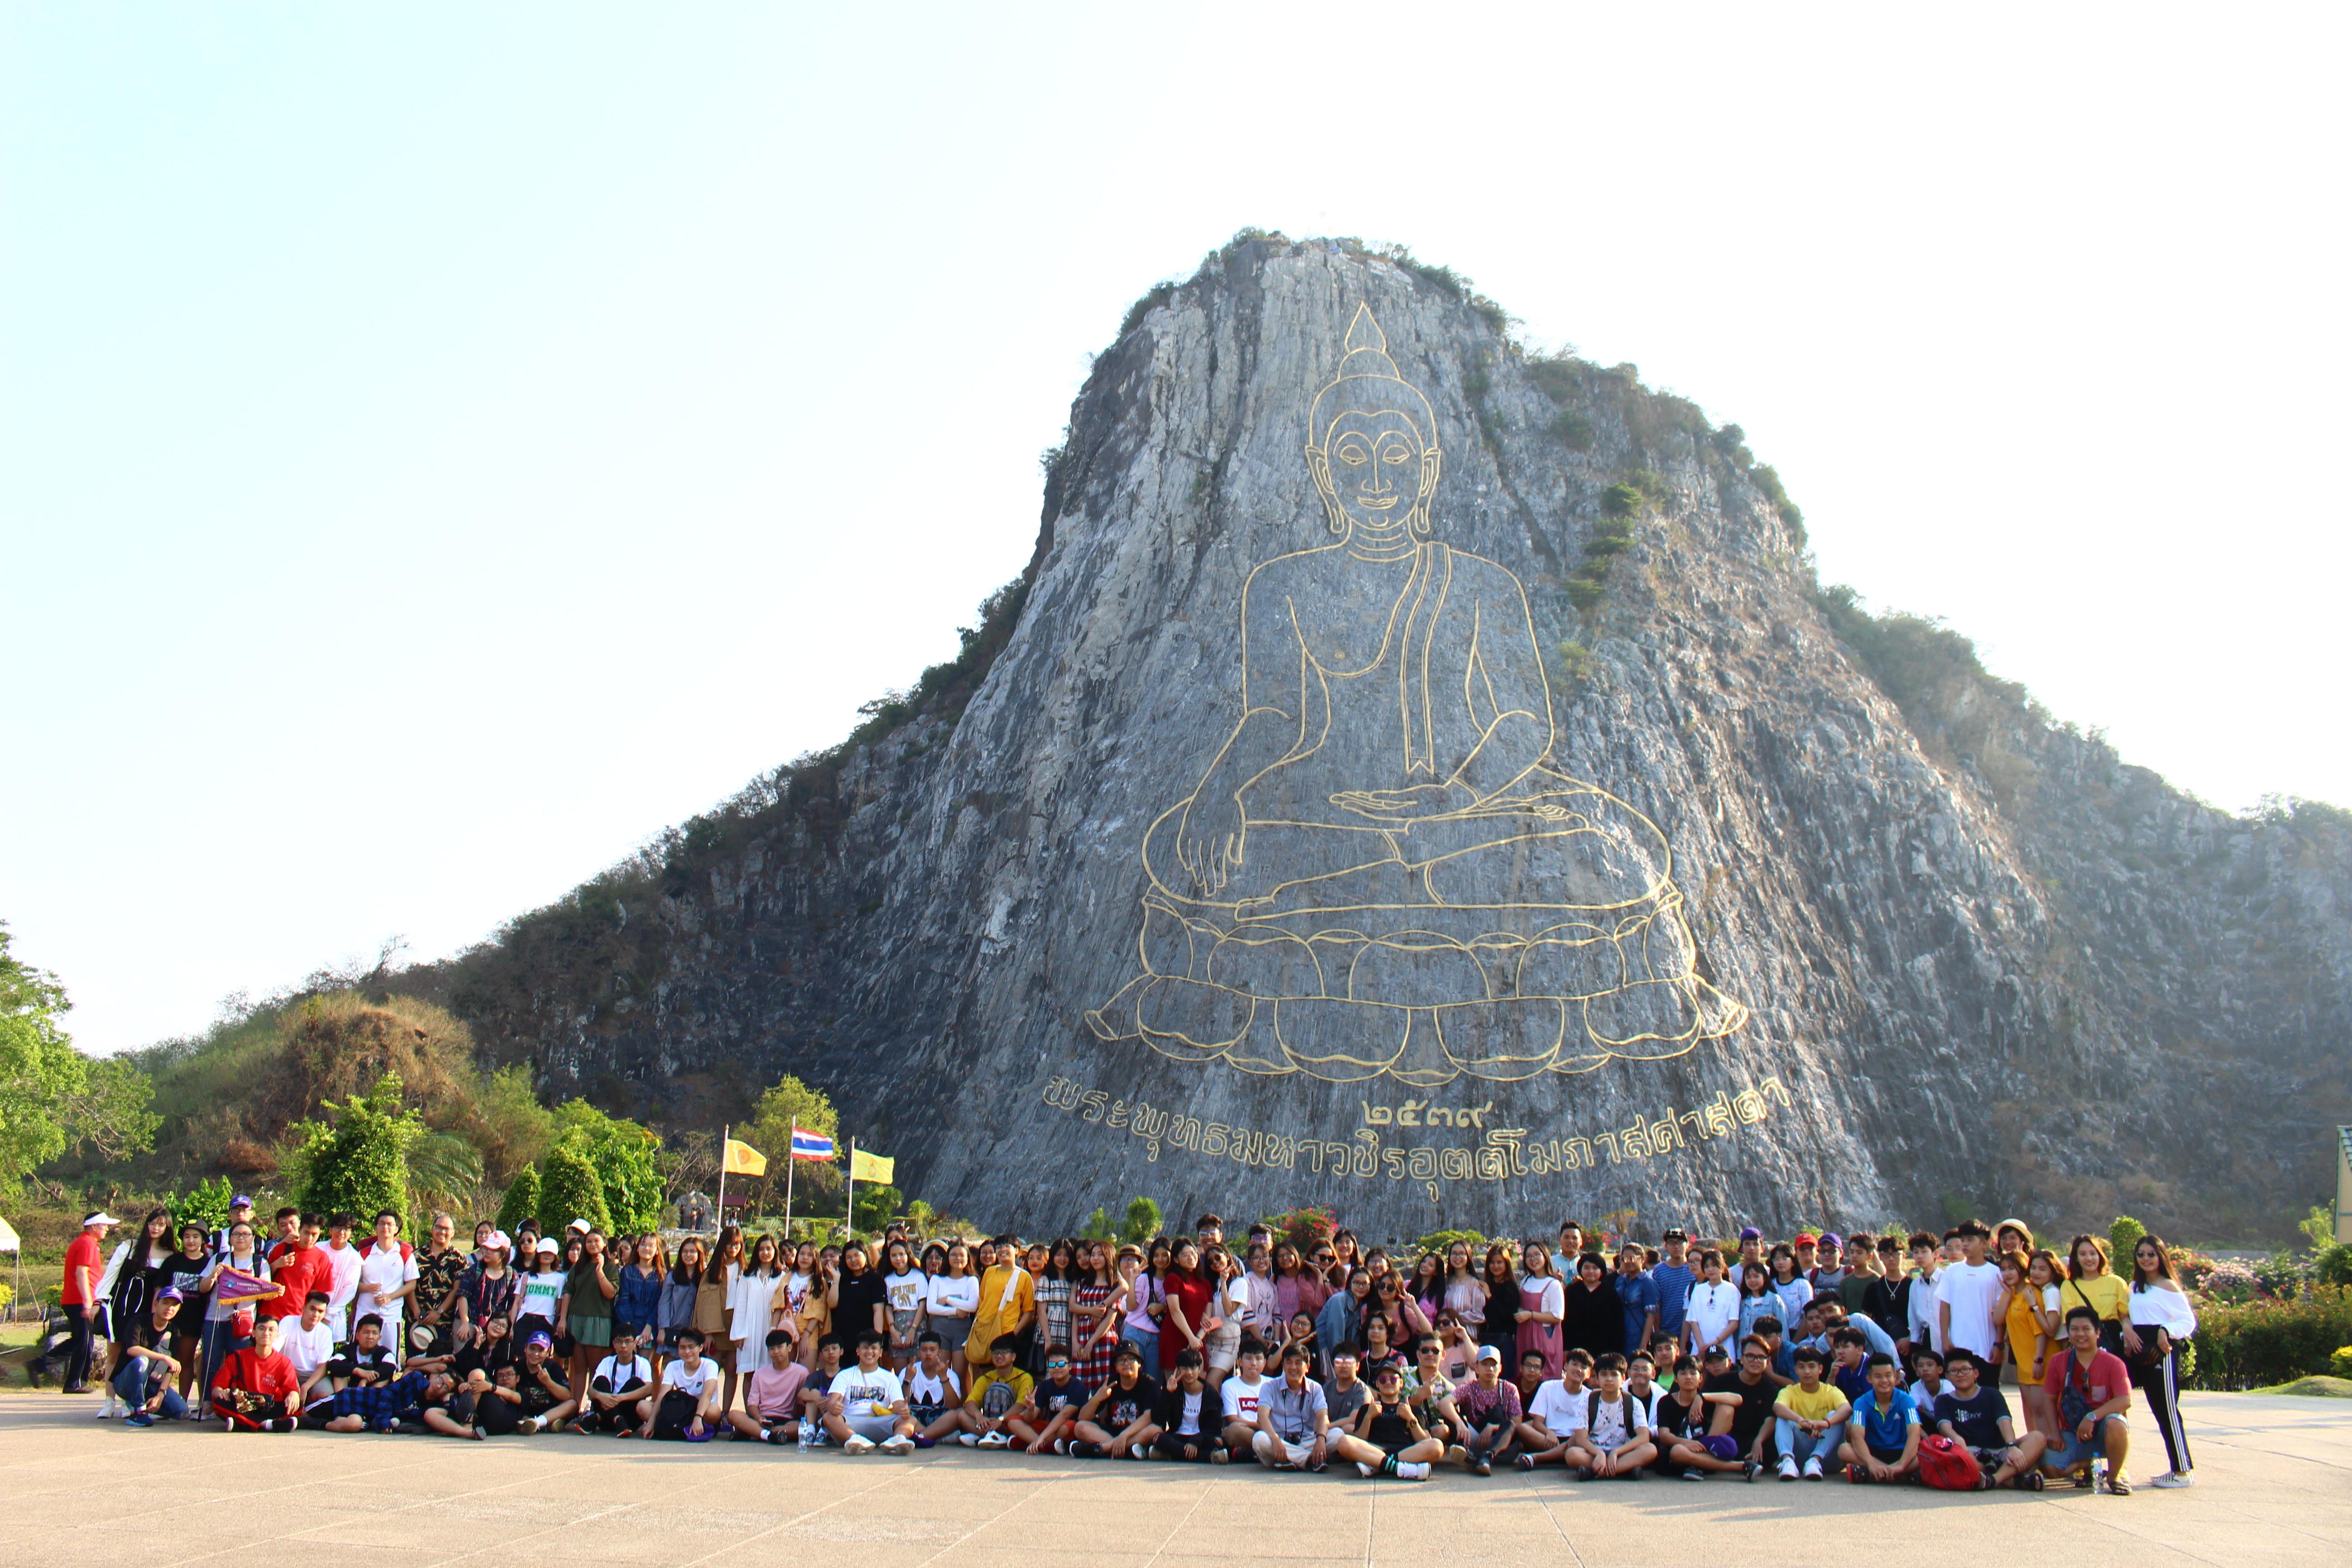 """Toàn thể WASSers Tây Úc khối 9 và 12 tham giachuyến du lịch kết hợp học tập và trải nghiệm văn hóa của """"Xứ sở của những nụ cười"""""""